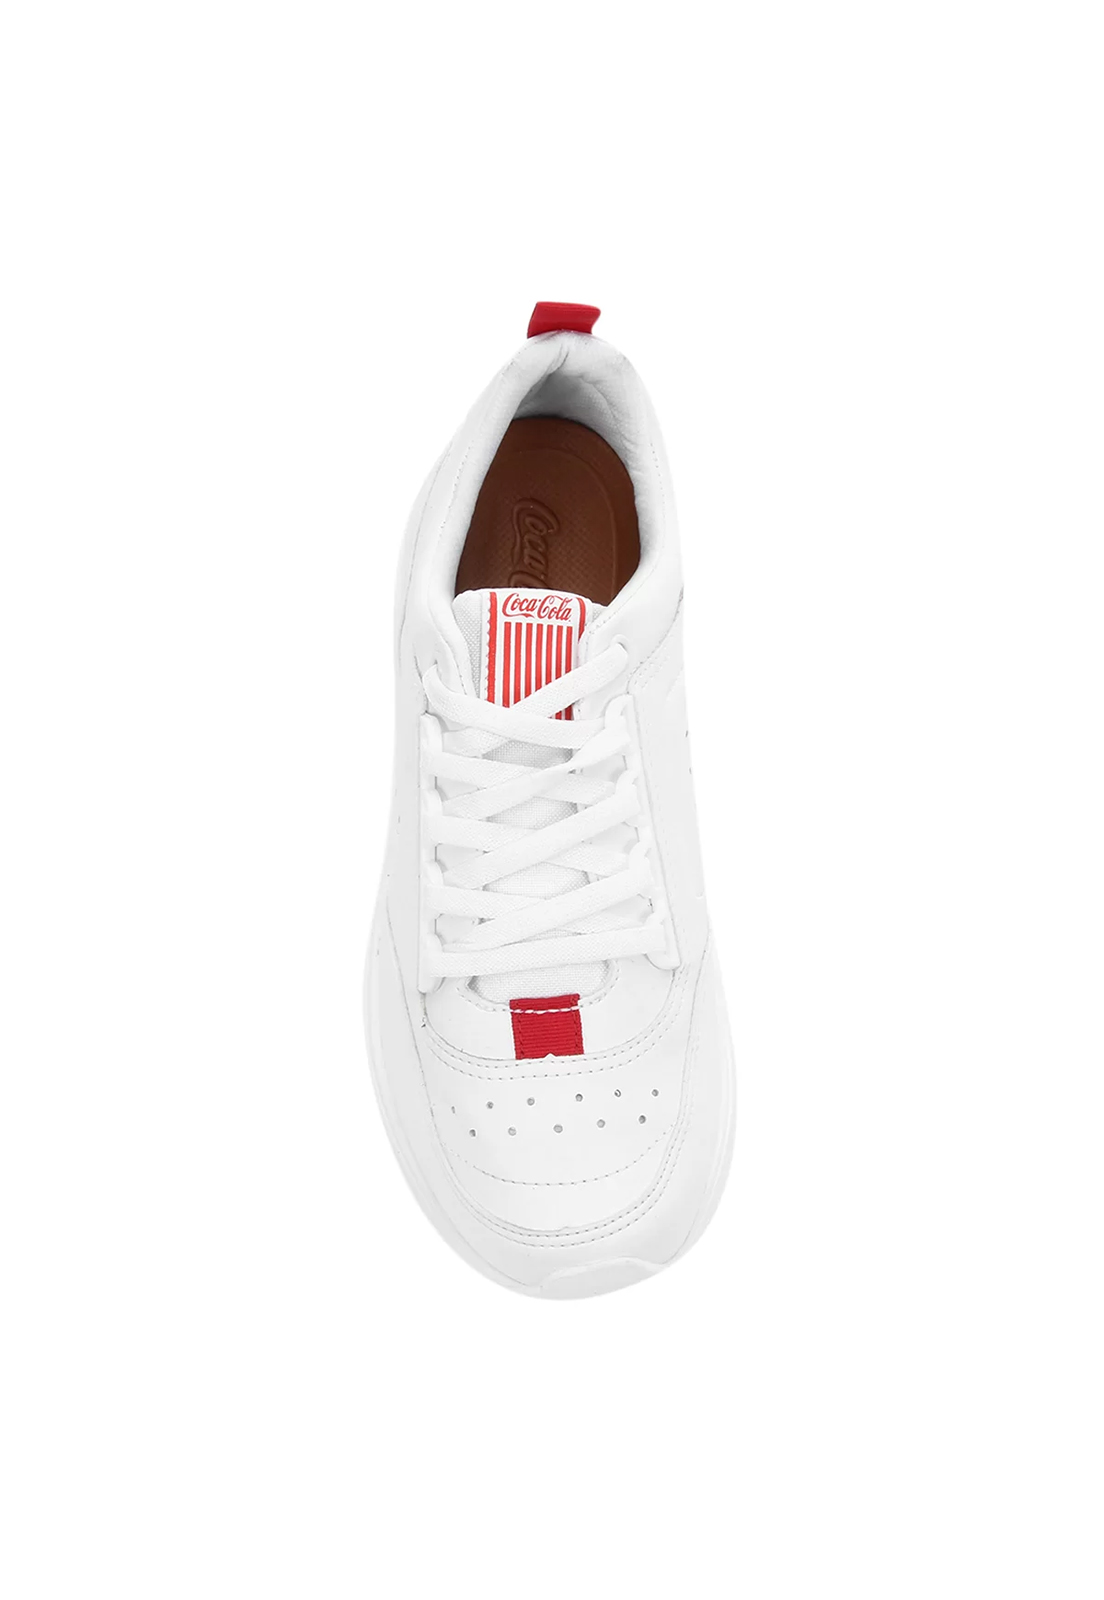 Tênis Coca Cola X58 Feminino Branco e Vermelho